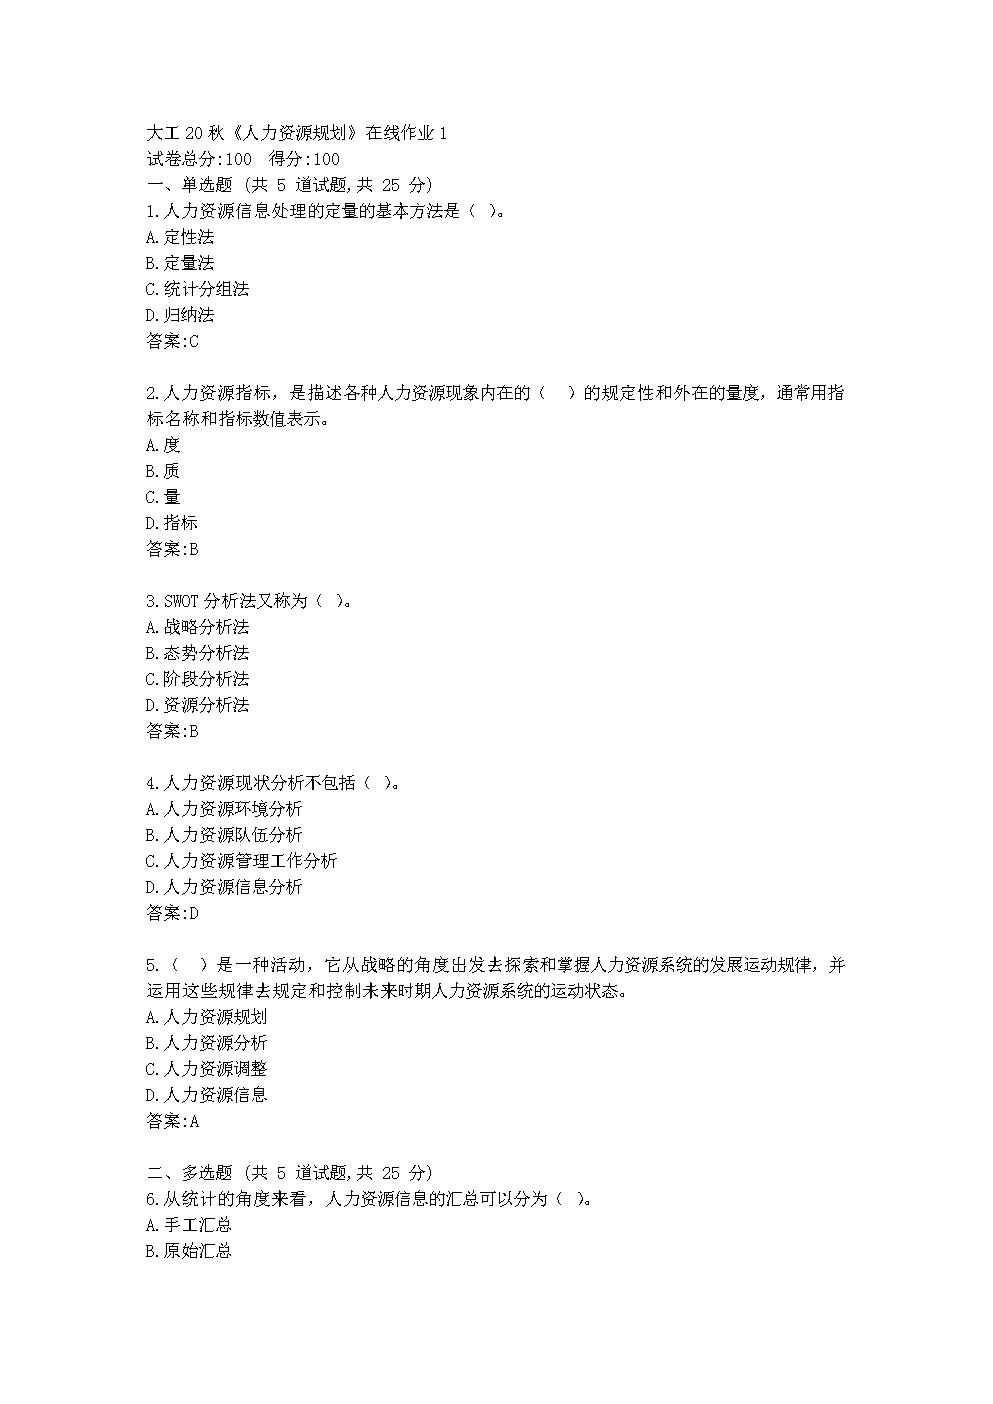 大工20秋《人力资源规划》在线作业1【标准答案】.docx